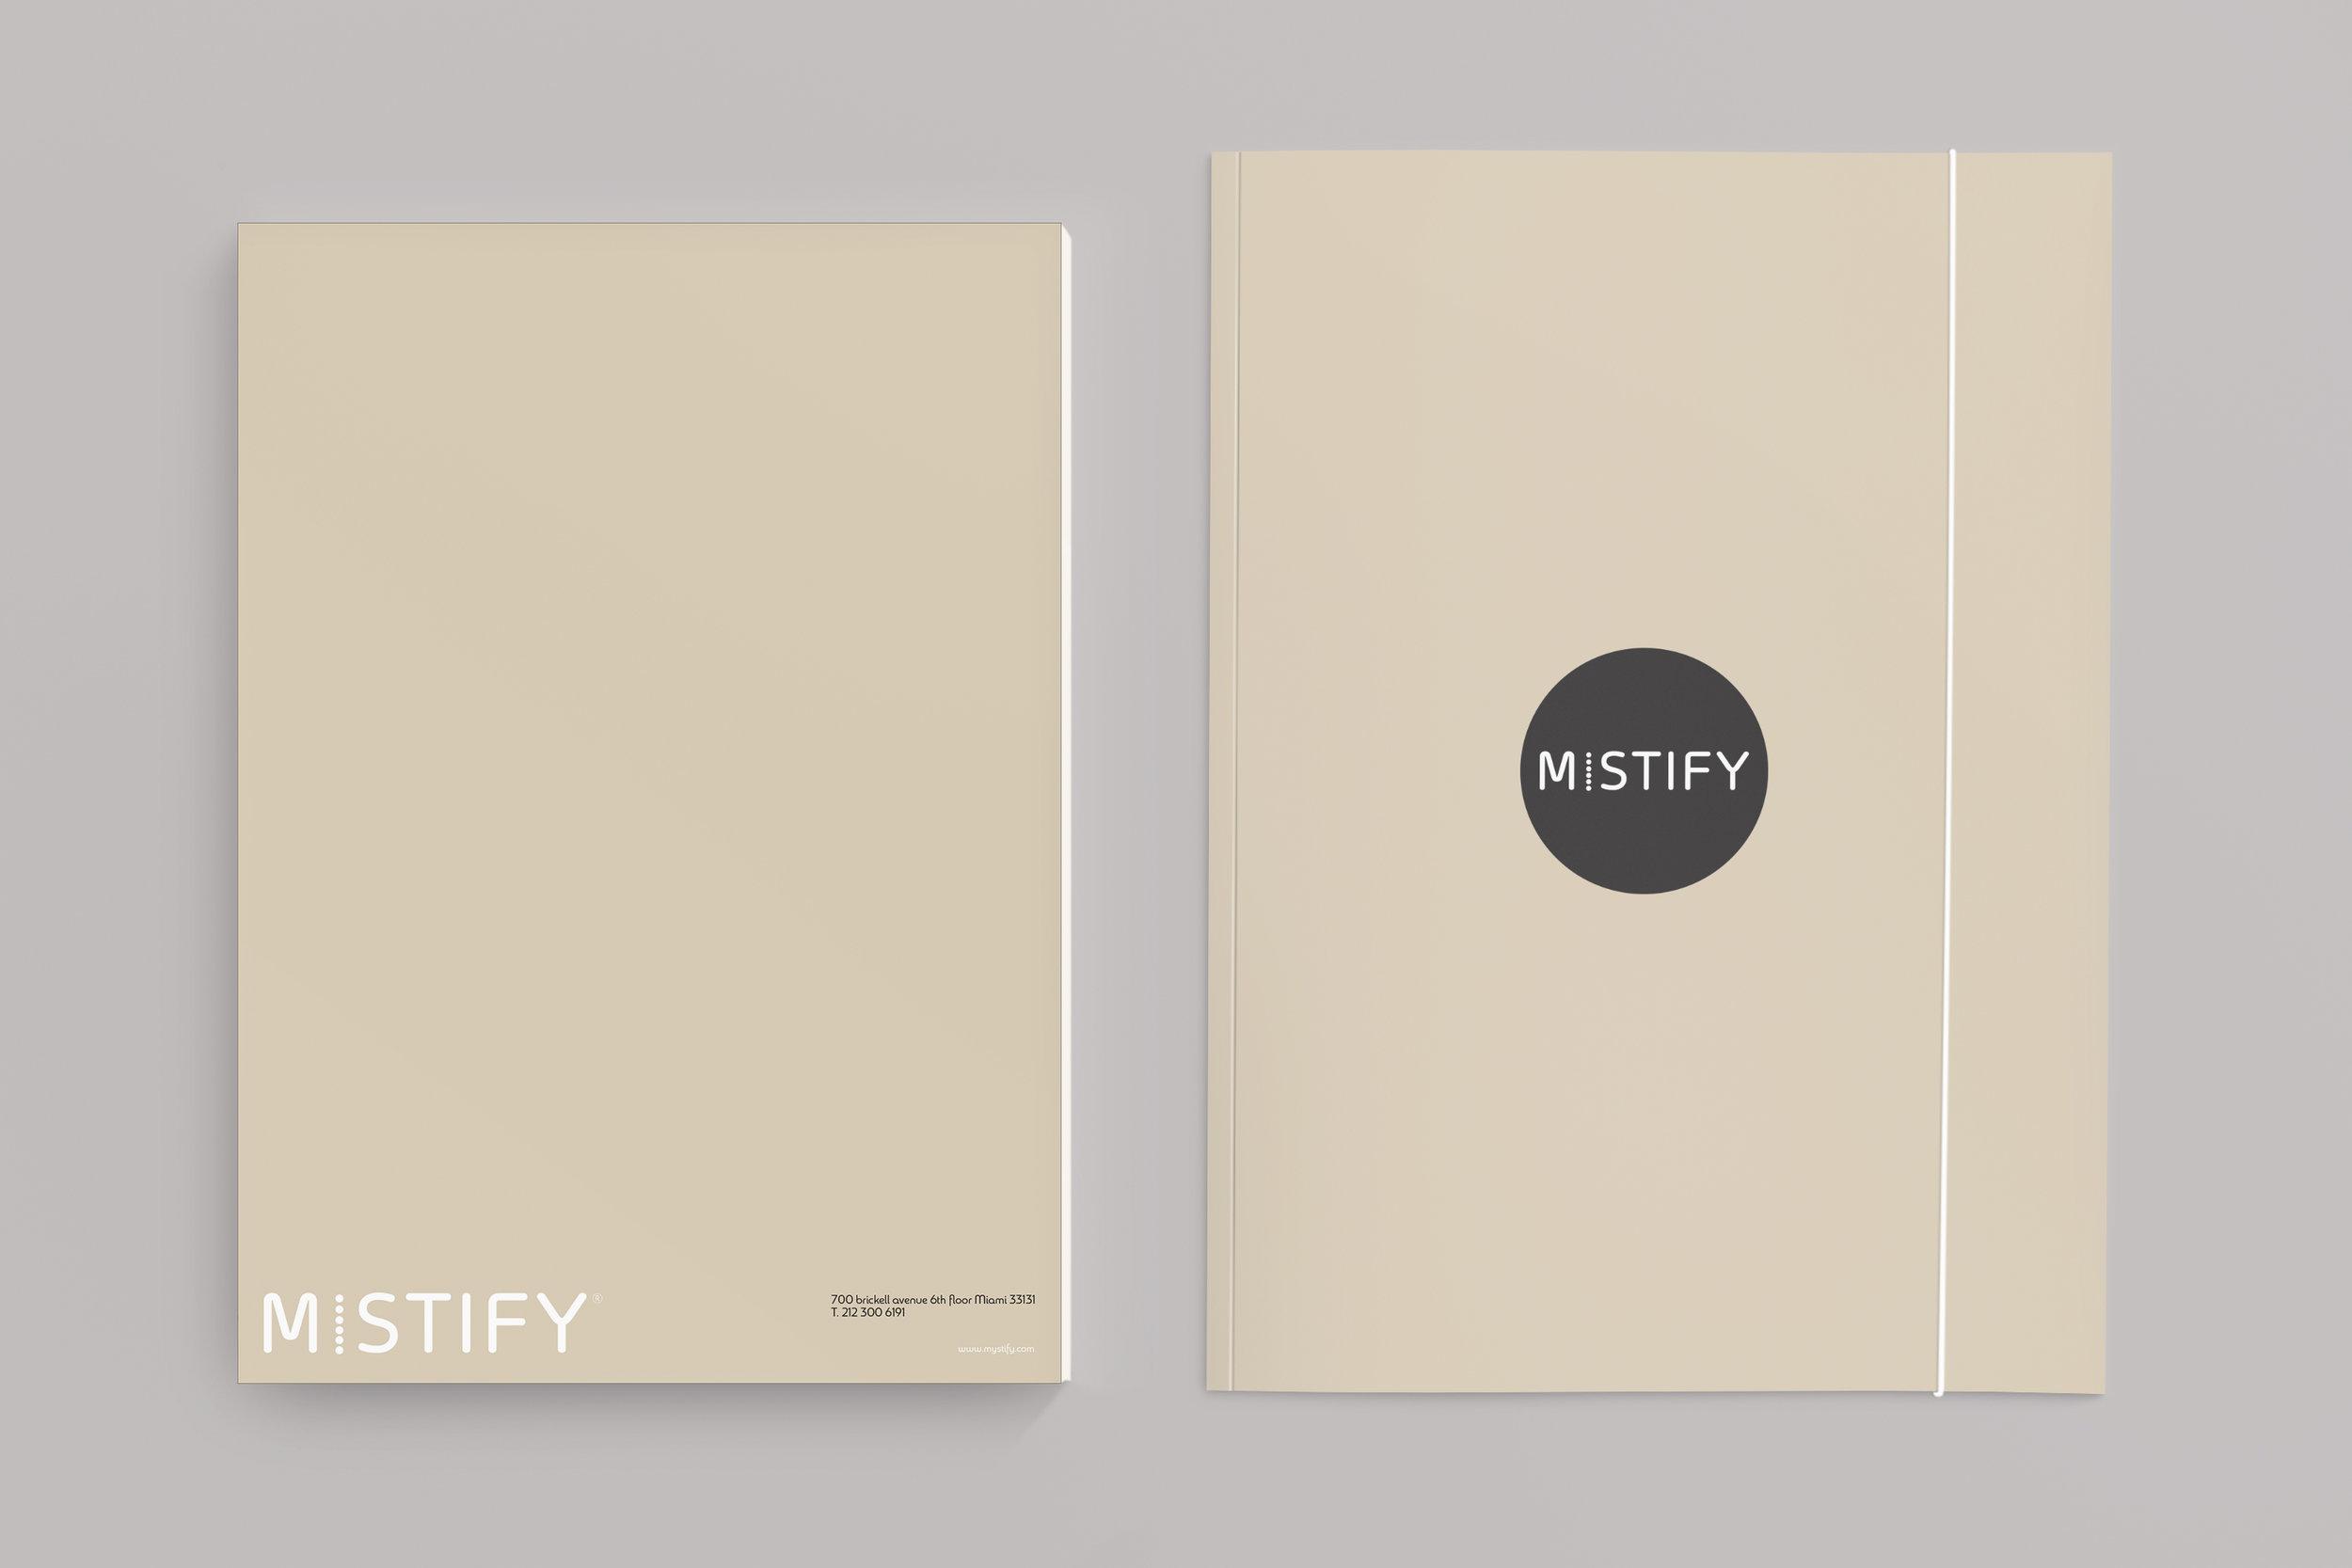 Mystify Stationary 5.jpg